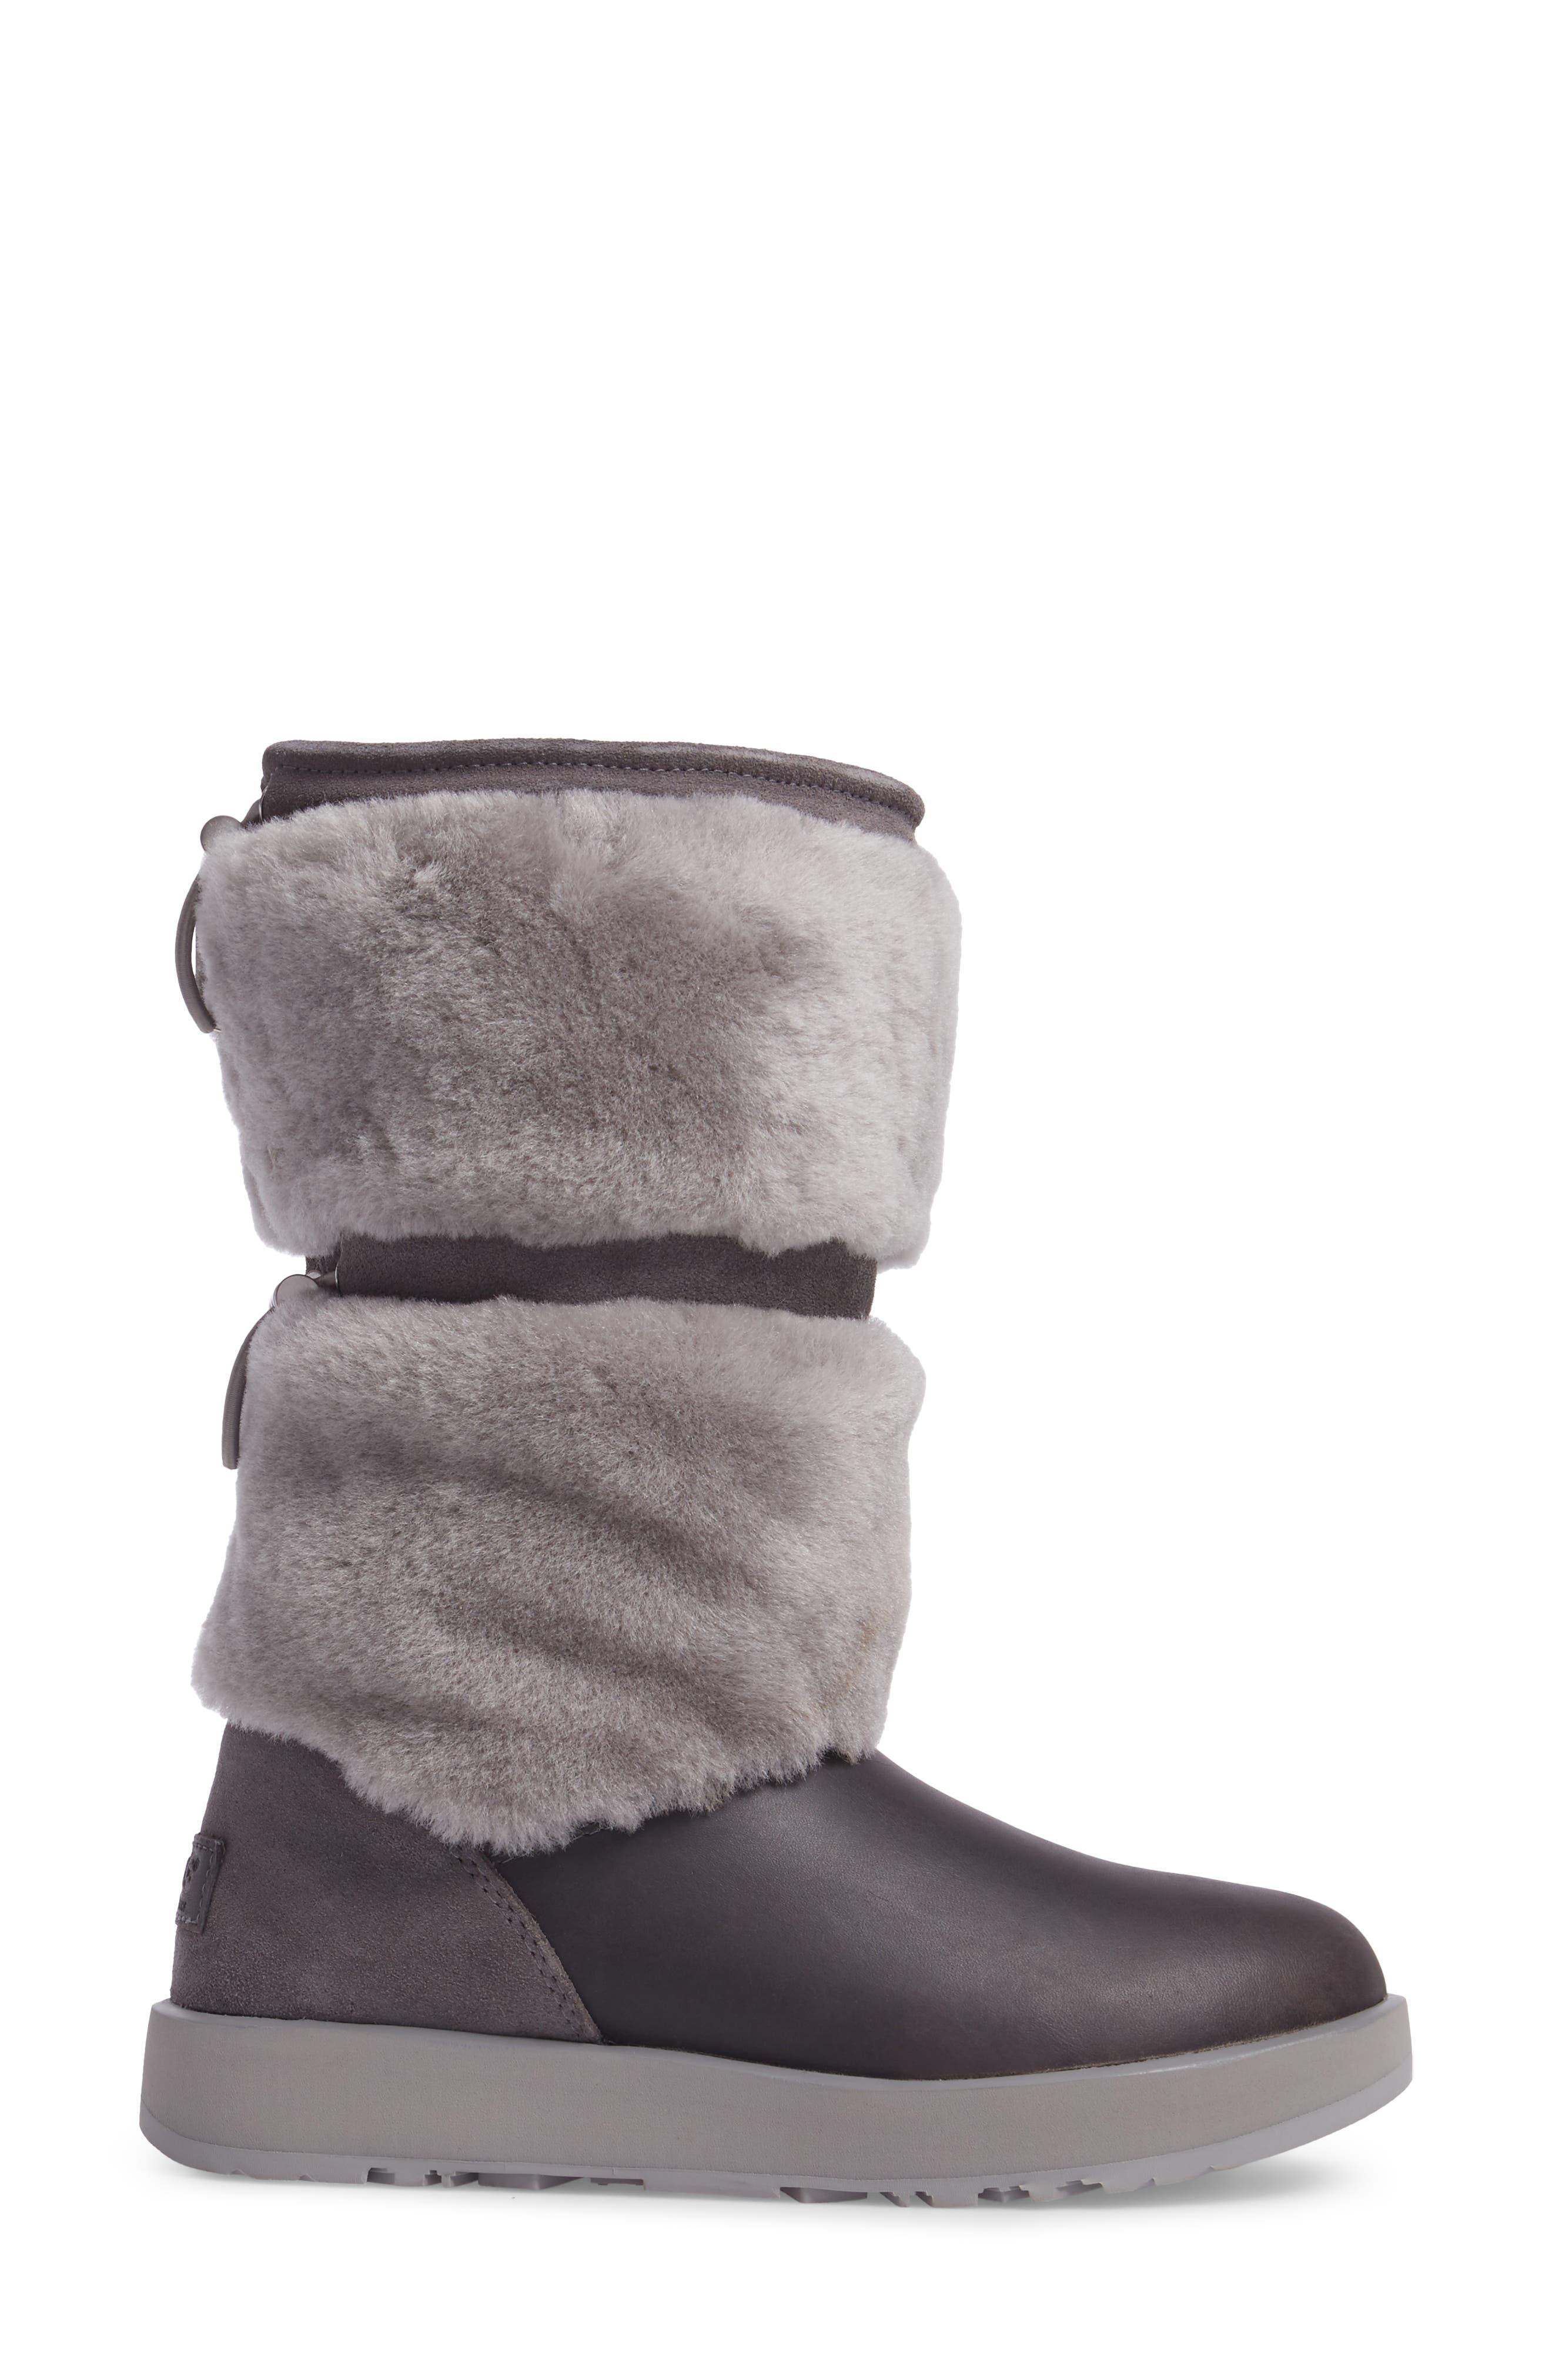 Reykir Waterproof Snow Boot,                             Alternate thumbnail 8, color,